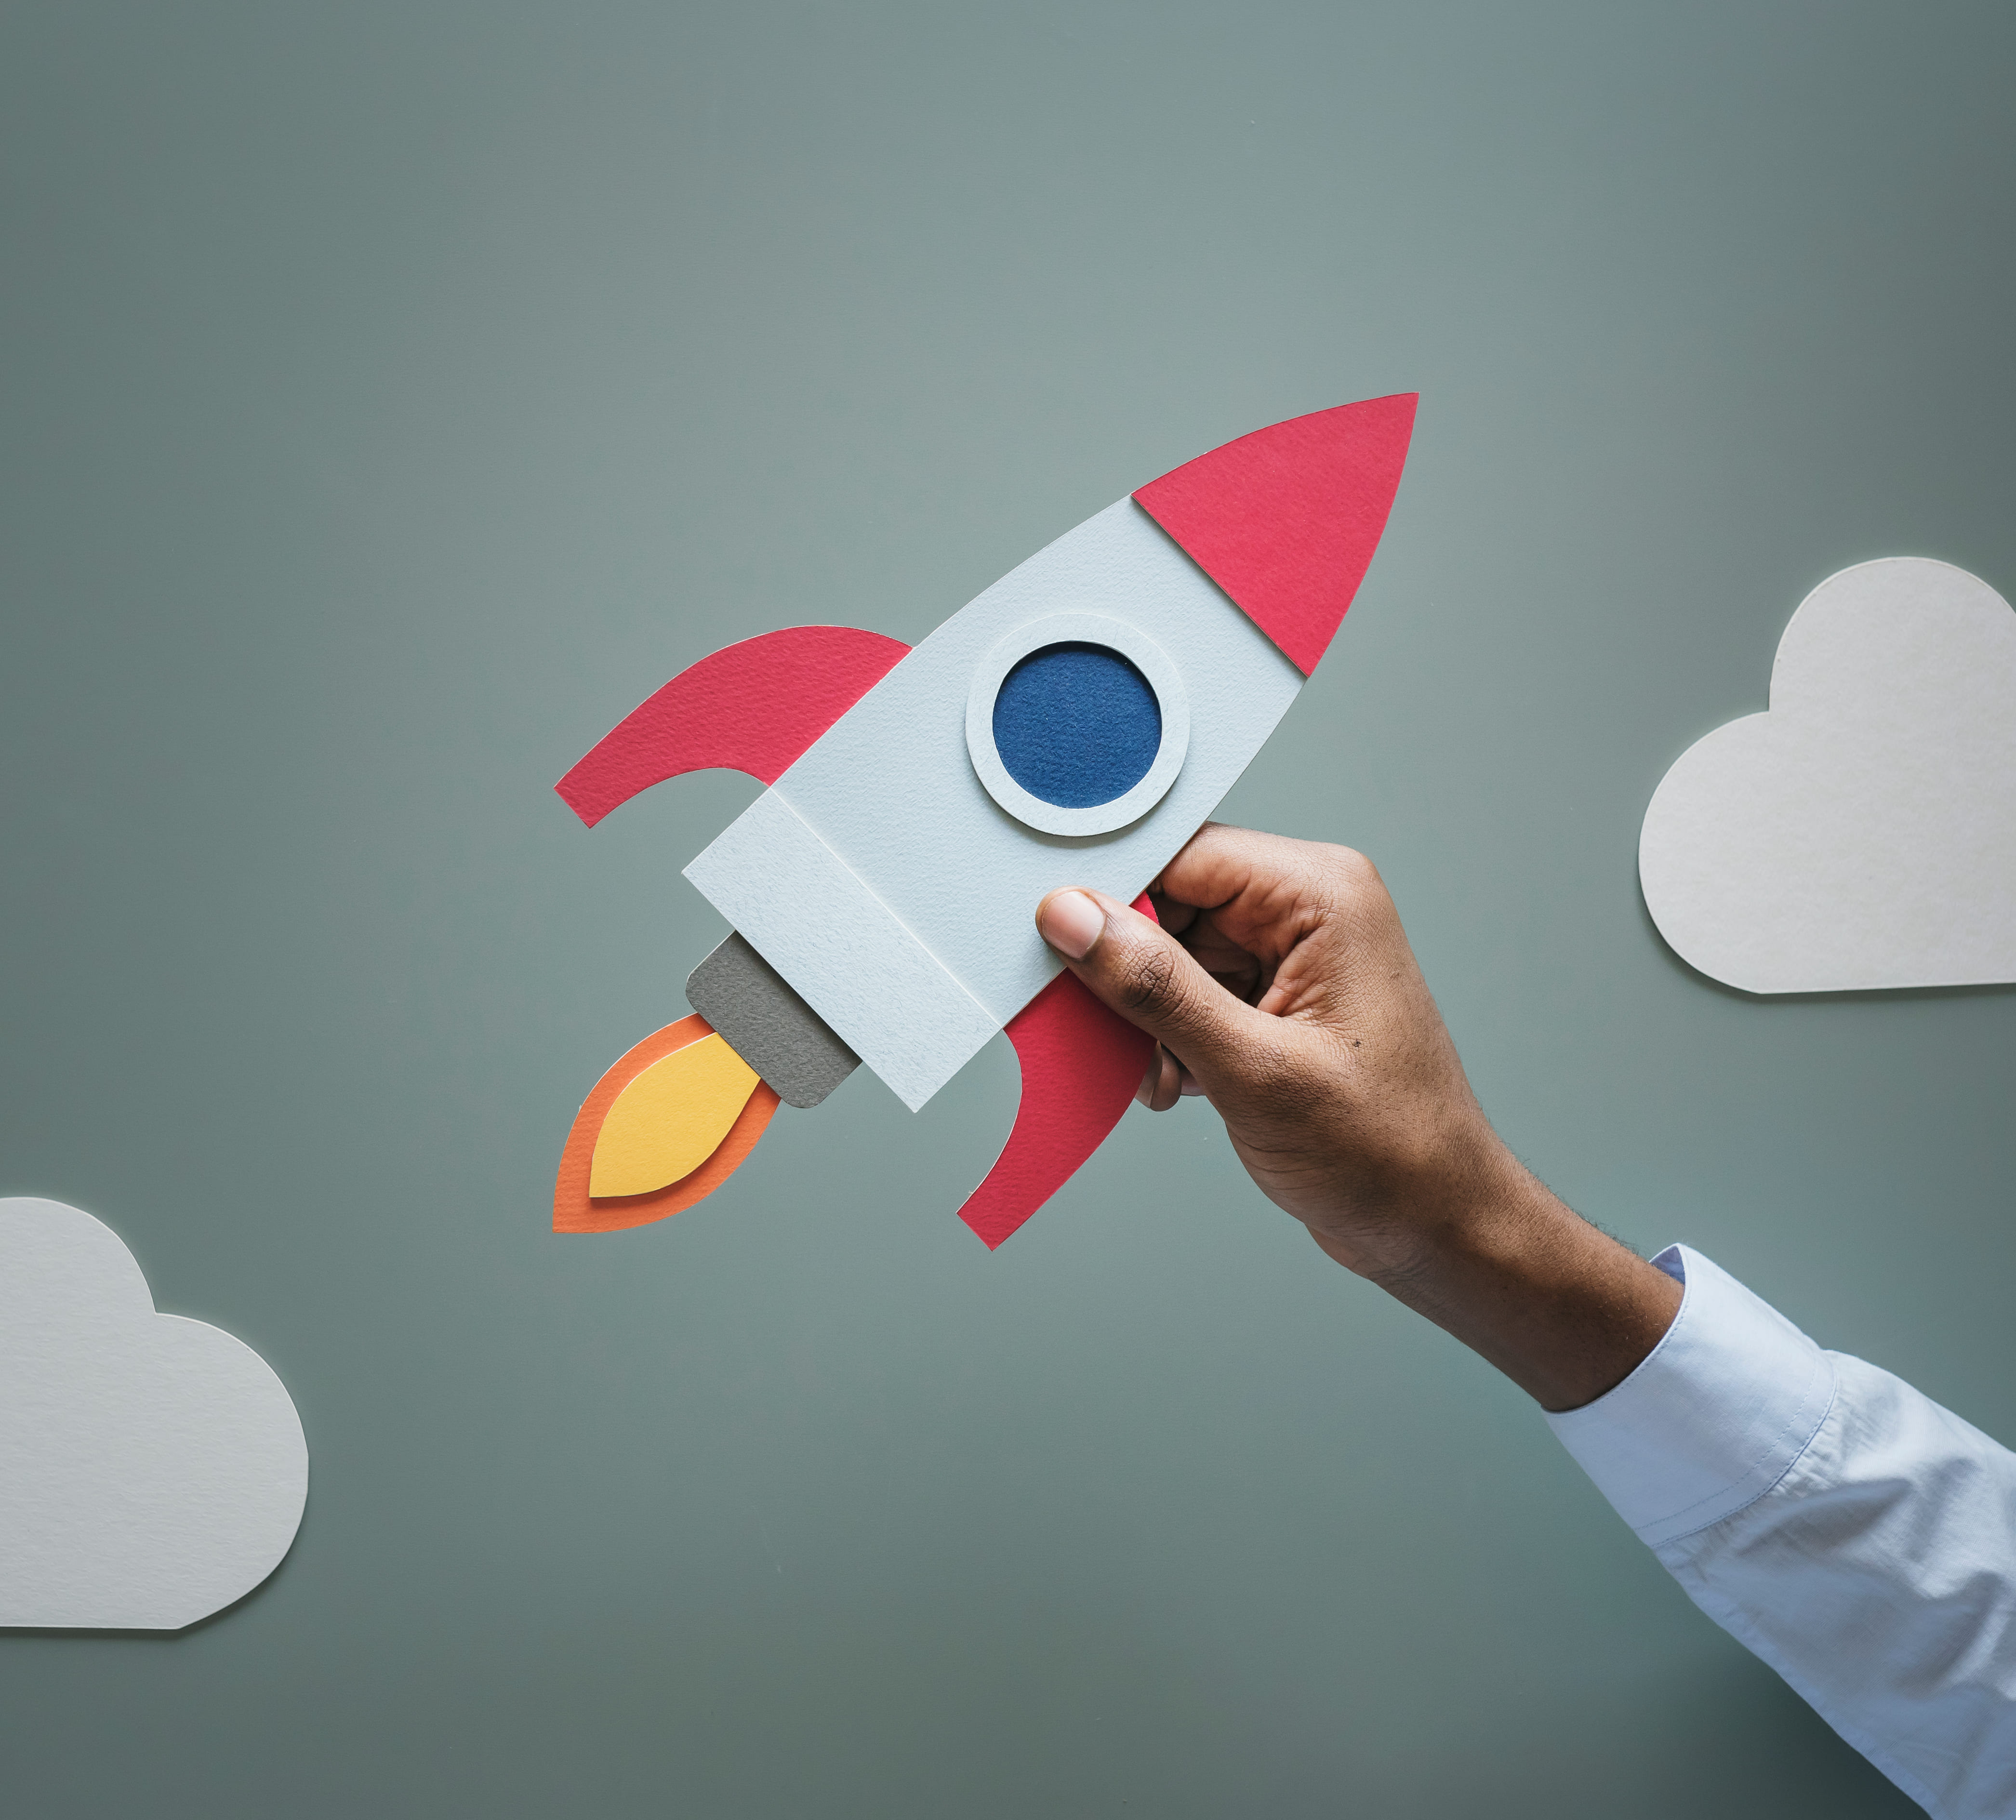 Imagem de foguete subindo para remeter as matérias para empreendedores que bombaram em 2018